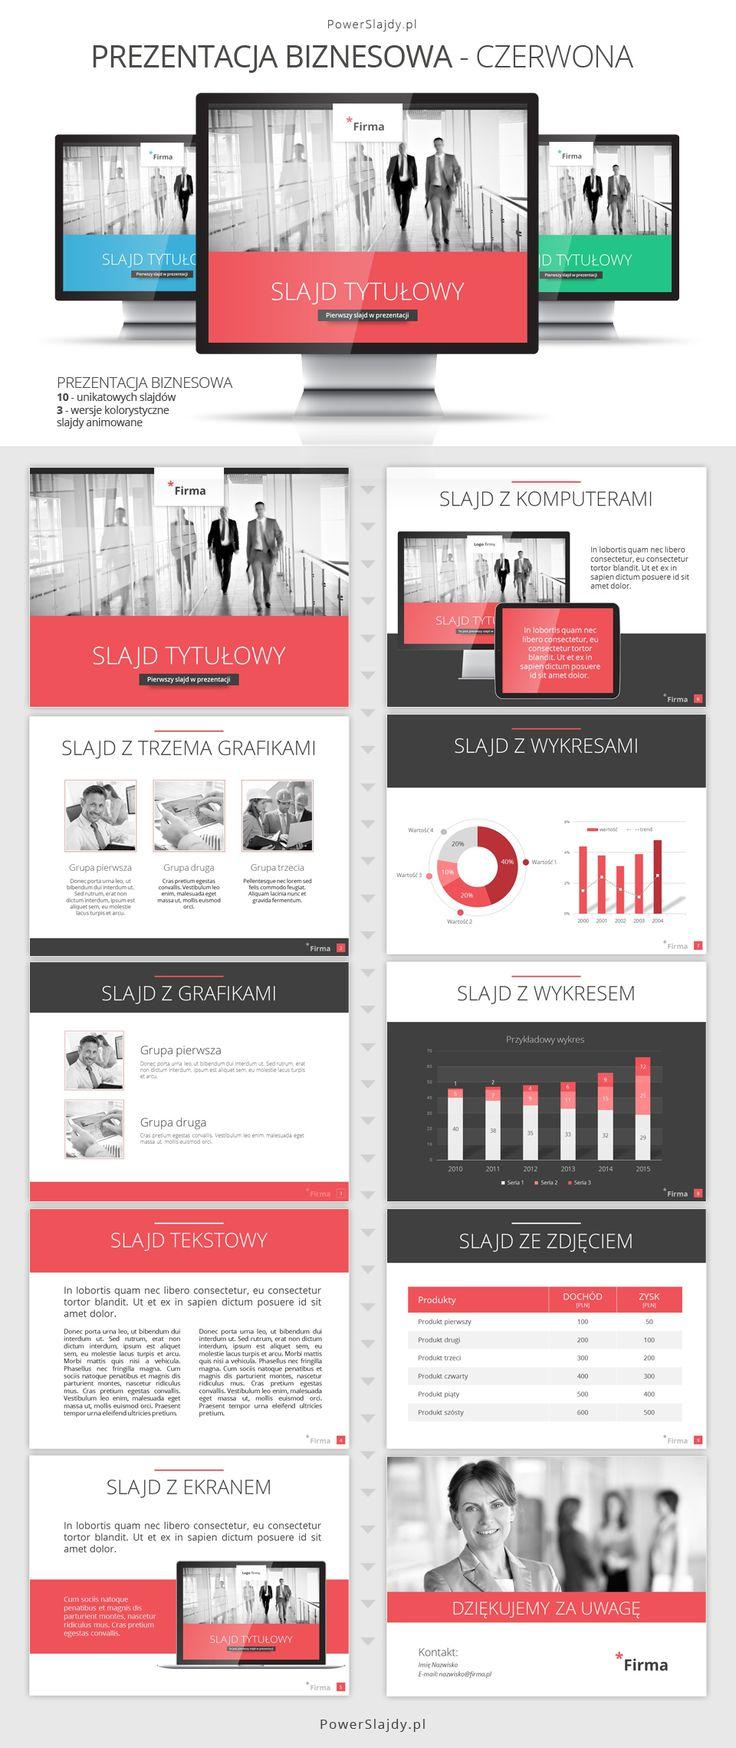 Prezentacja Biznesowa 1 http://www.powerslajdy.pl/pl/p/Prezentacja-biznesowa/85